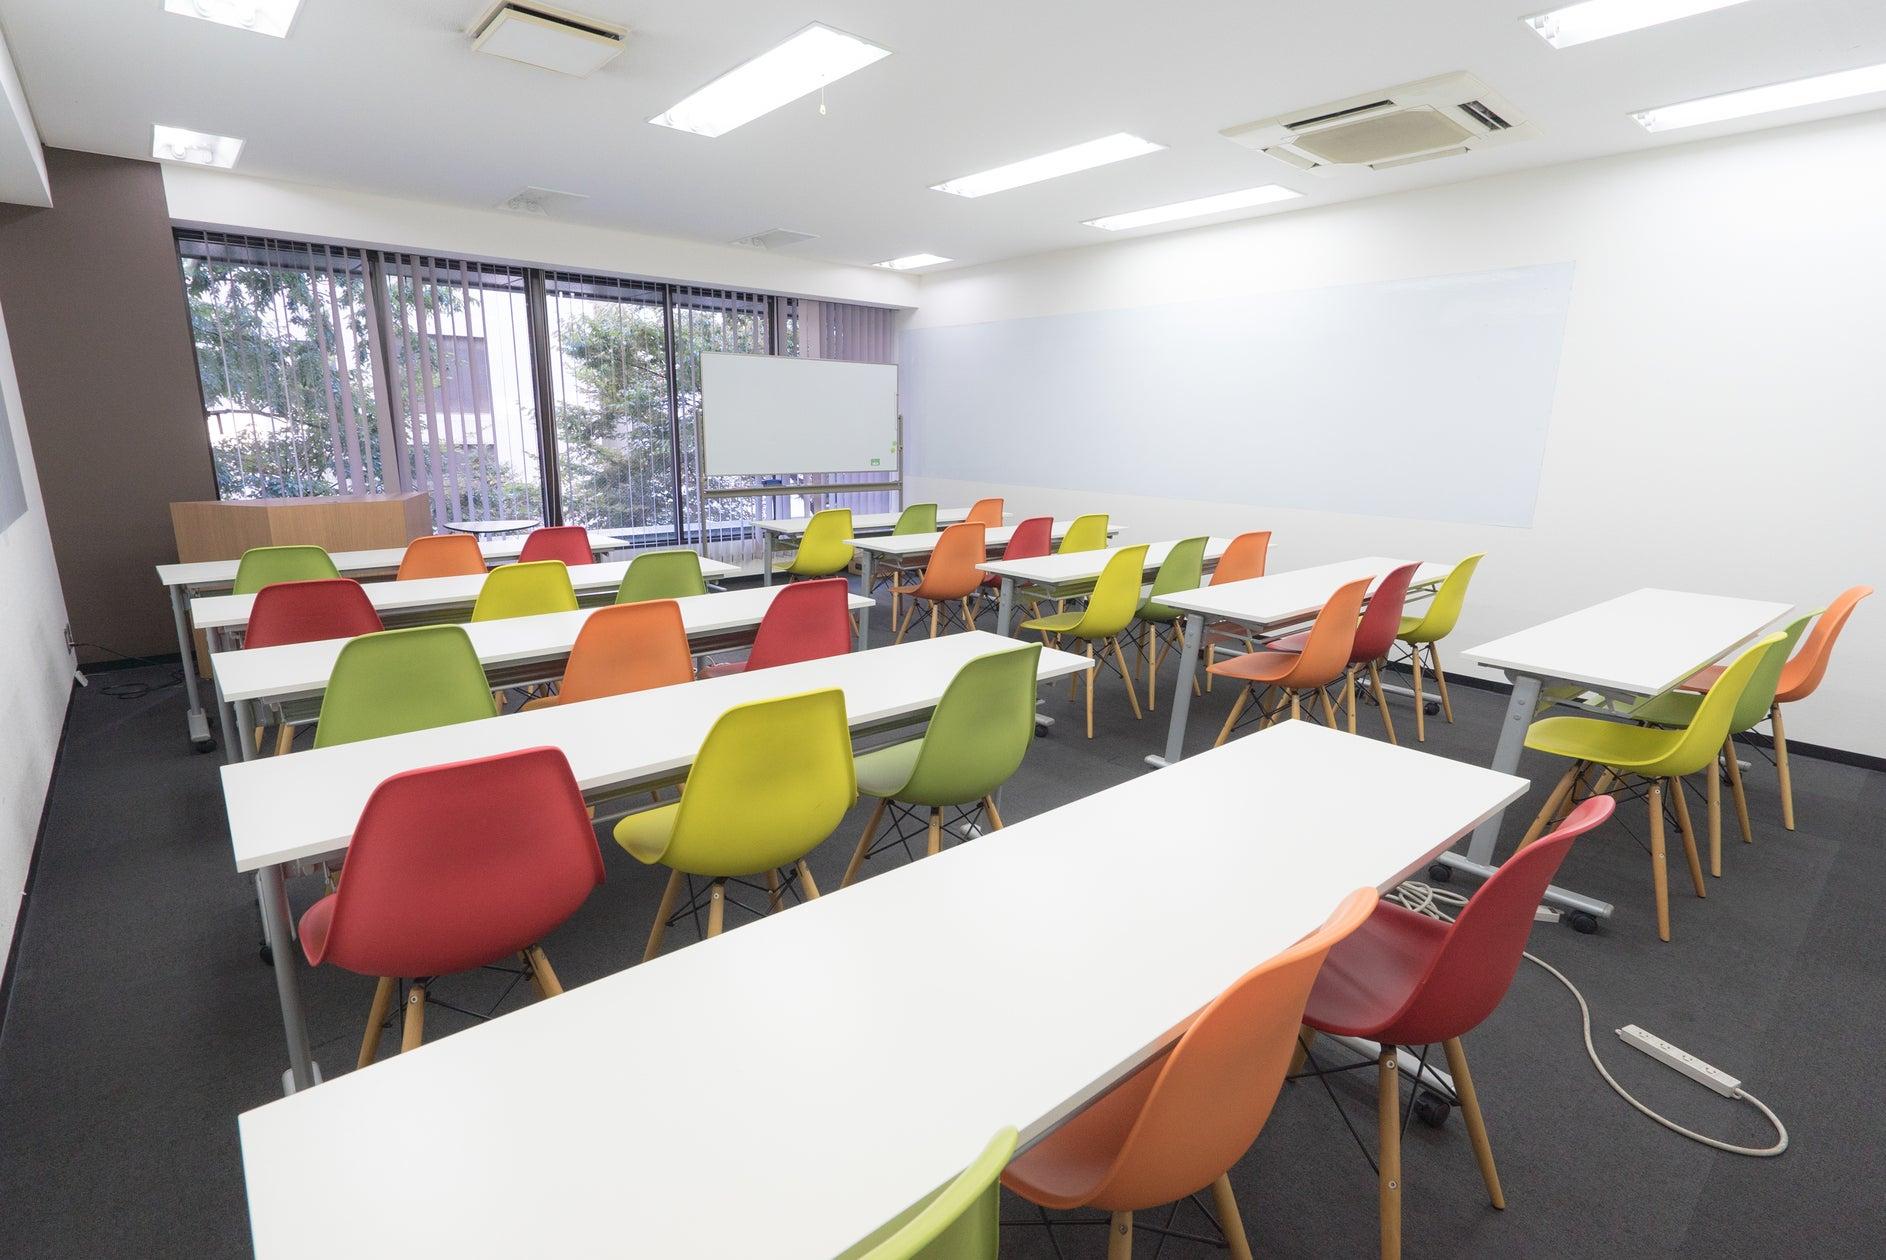 【博多駅すぐオフィスビル】A03(30名収容):カラフルで明るいスペース!会議・セミナー・イベント・説明会・スクールに(【博多】レンタルオフィス&コワーキングスペース「BASES福岡」(ベイシズ)) の写真0